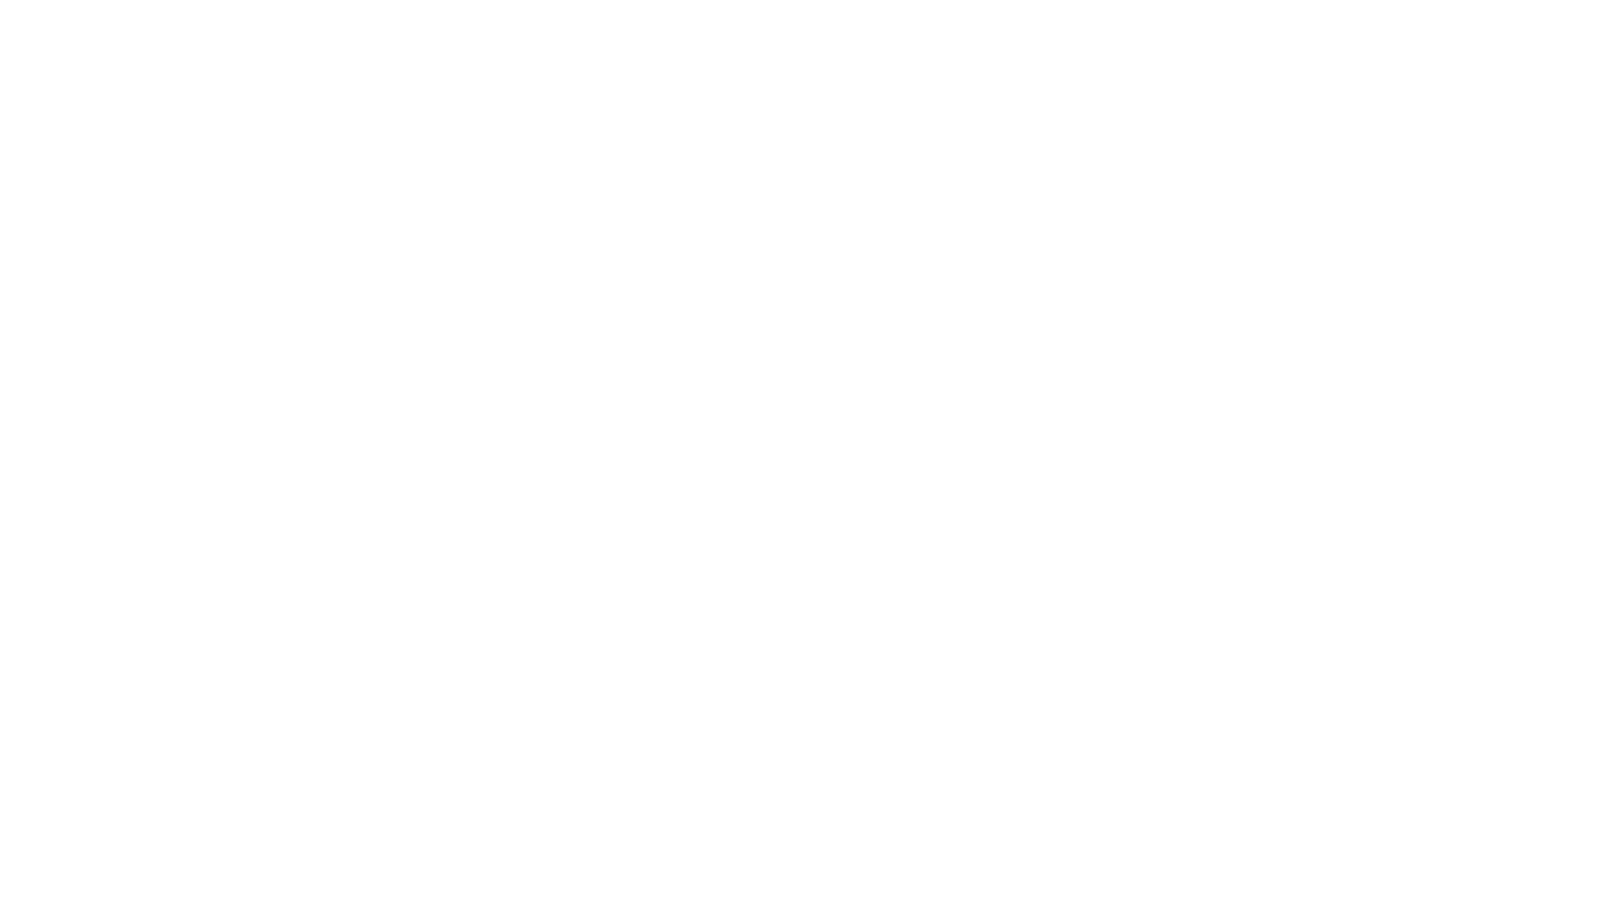 """""""Cartea blestemelor"""", prima parte a trilogiei """"Ultimul împărat nemuritor"""", o reinterpretare a celebrului basm """"Tinerețe fără bătrânețe și viață fără de moarte"""", de Andrei Ruse, va apărea în primăvara lui 2022.  Song: """"Savfk - For Tomorrow [Epic]"""" is licensed under a 'Creative Commons Attribution 4.0 International License (CC BY 4.0)'. https://www.youtube.com/c/SavfkMusic  Music promoted by BreakingCopyright: https://bit.ly/for-tomorrow-song"""